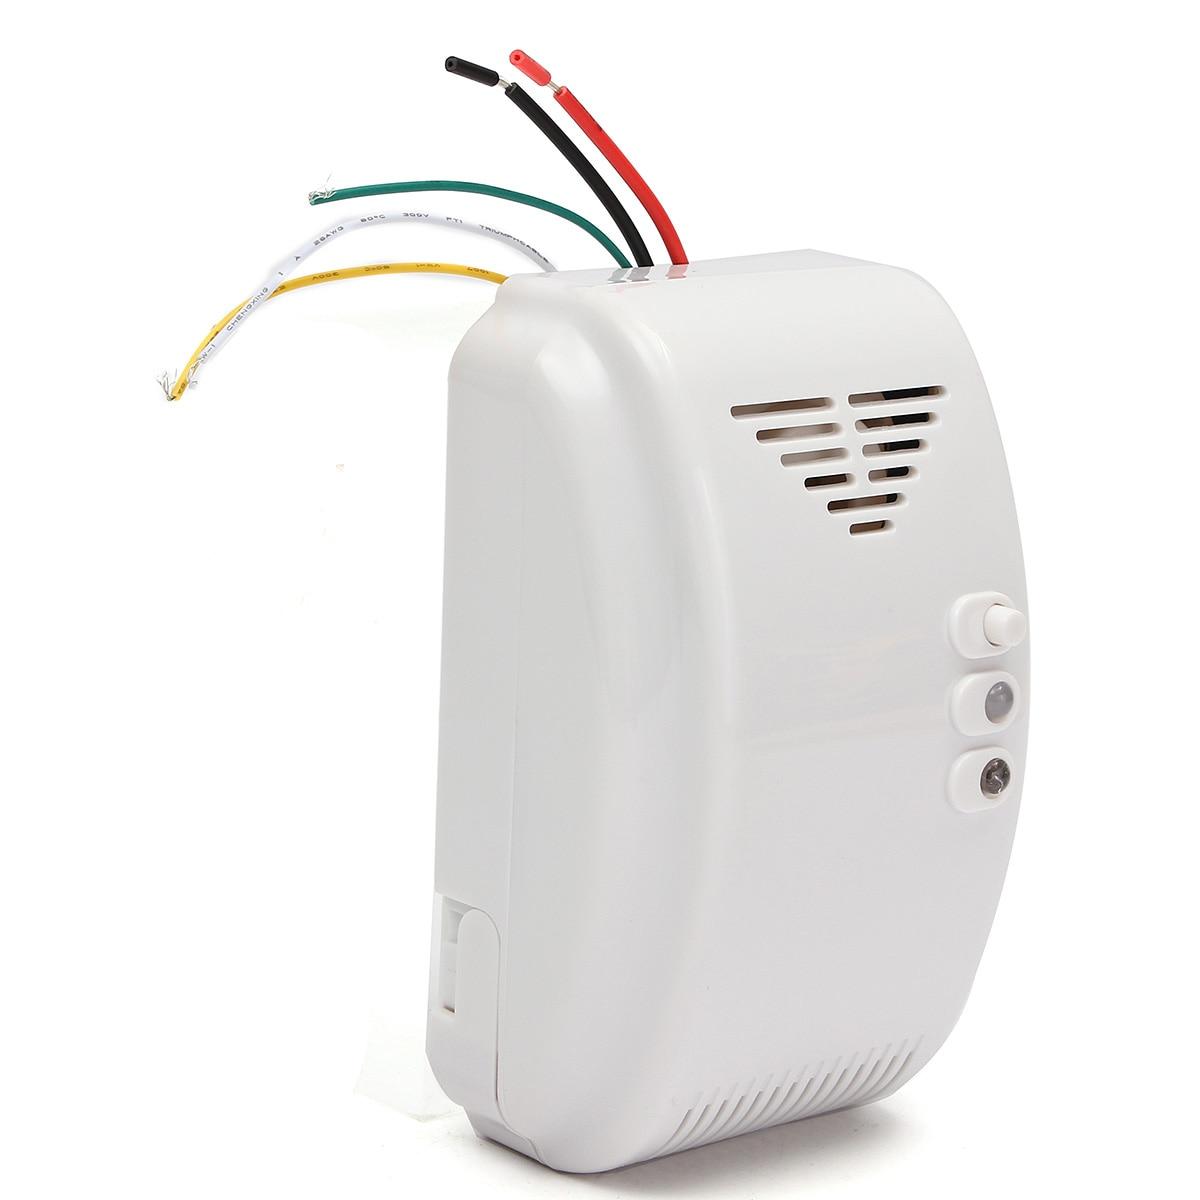 NUOVO 12 V Rilevatore di Gas Allarme del Sensore Propano Butano GPL Naturale Camper Per Sistema di Allarme Domestico di Sicurezza